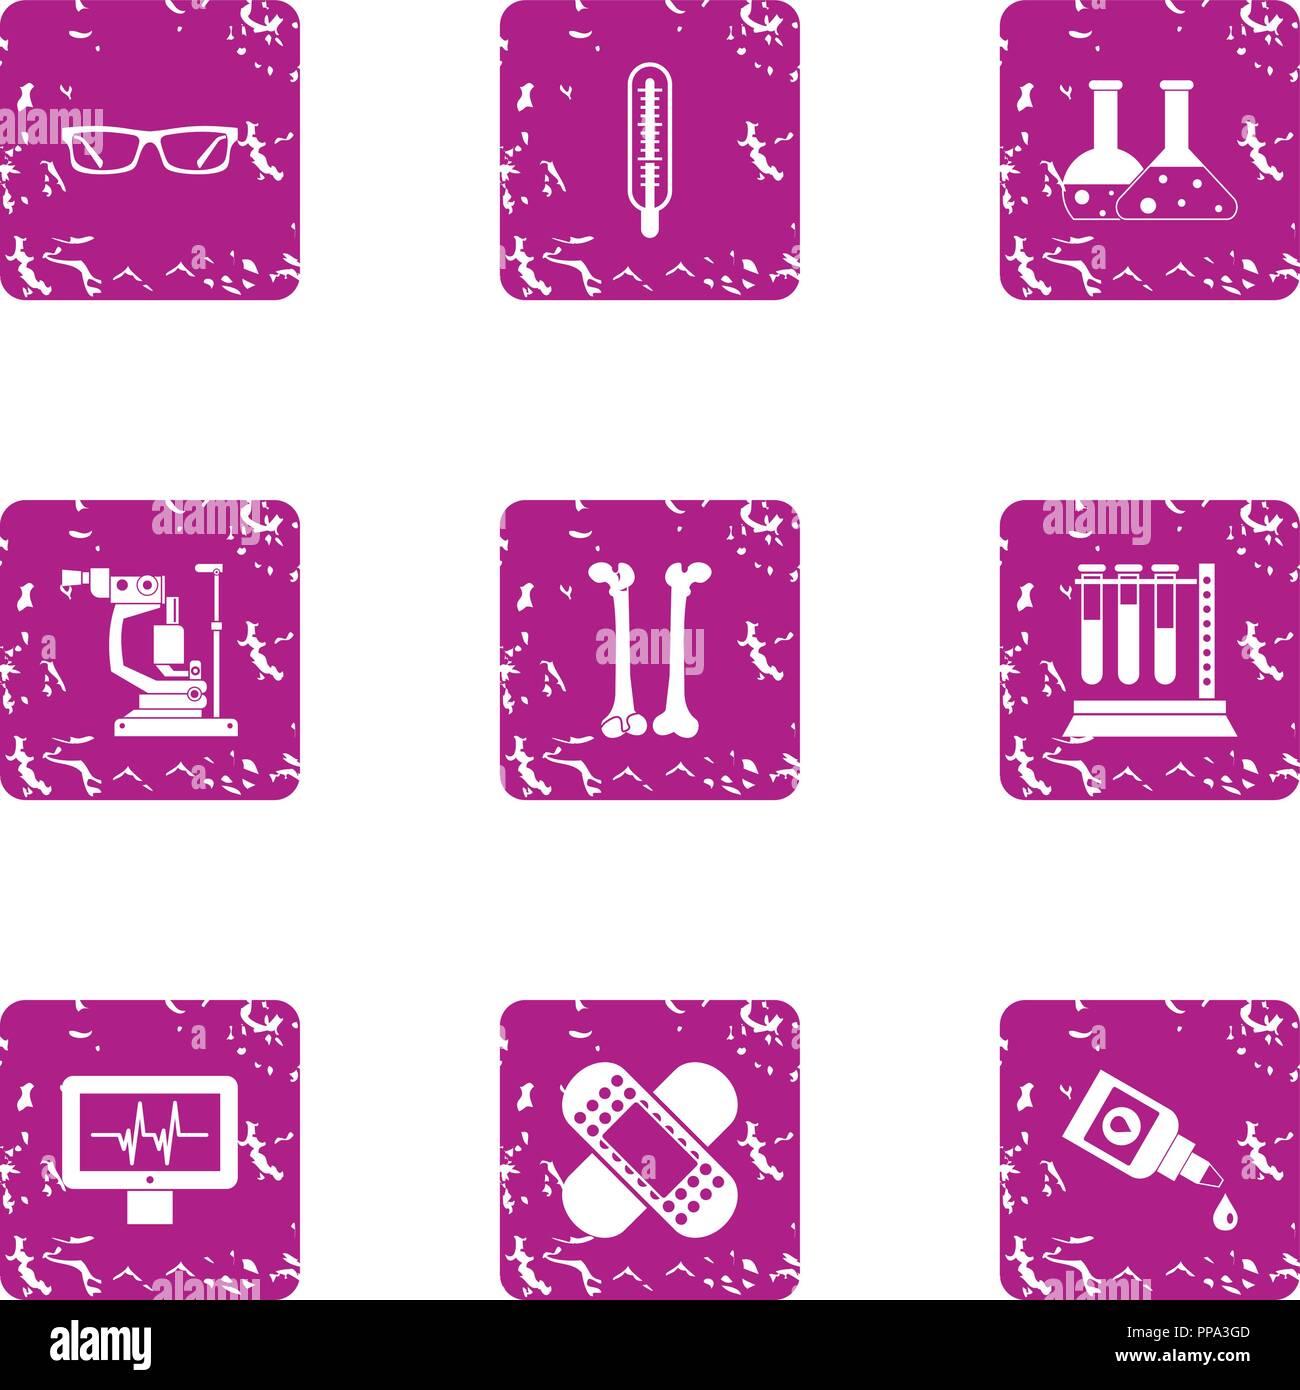 Elemental composition icons set, grunge style - Stock Image